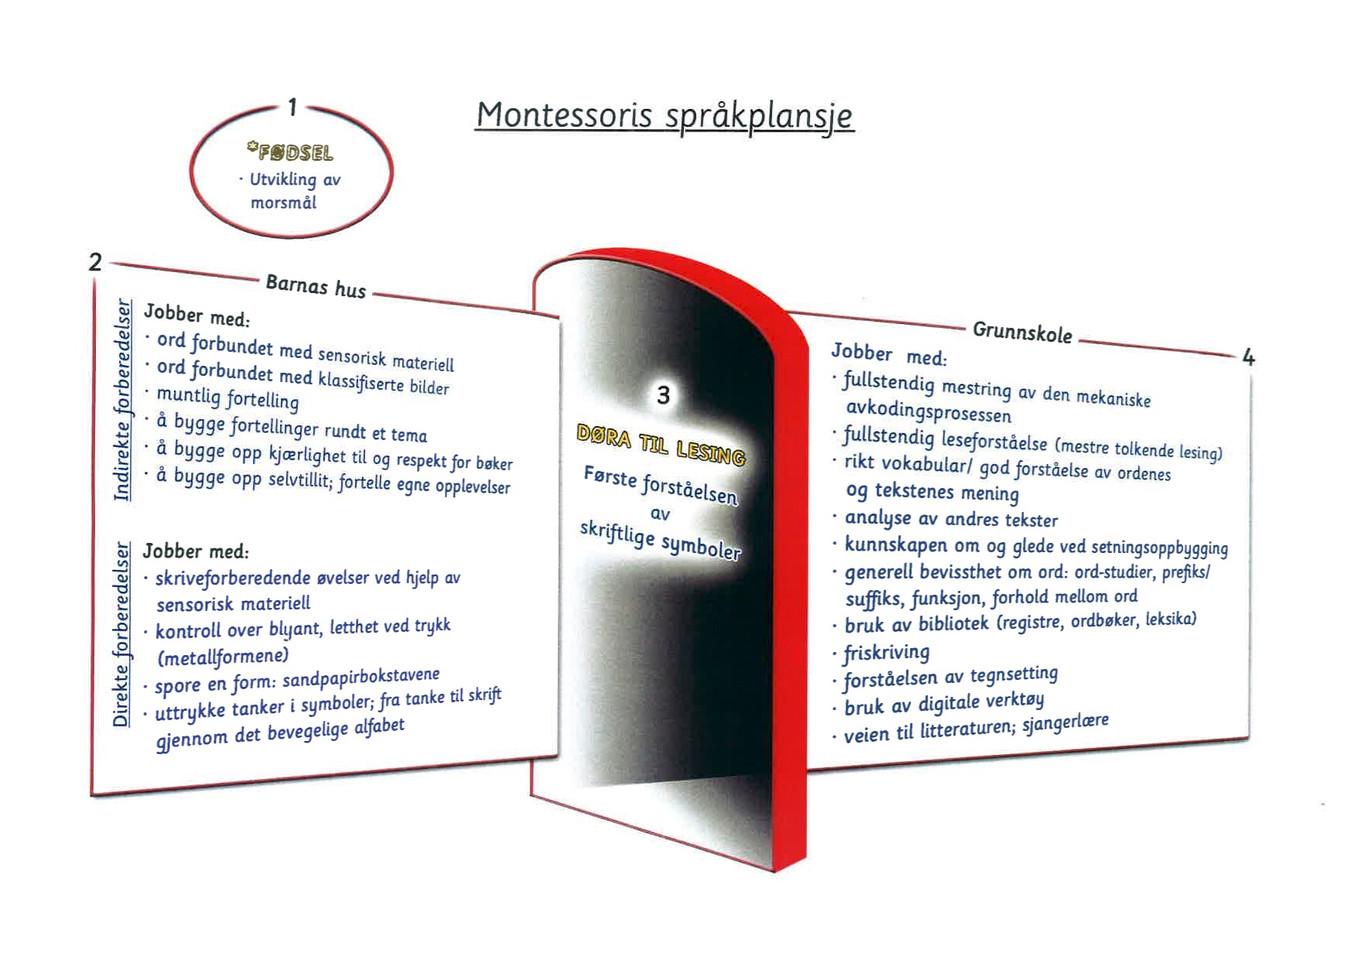 Montessori språkplansje